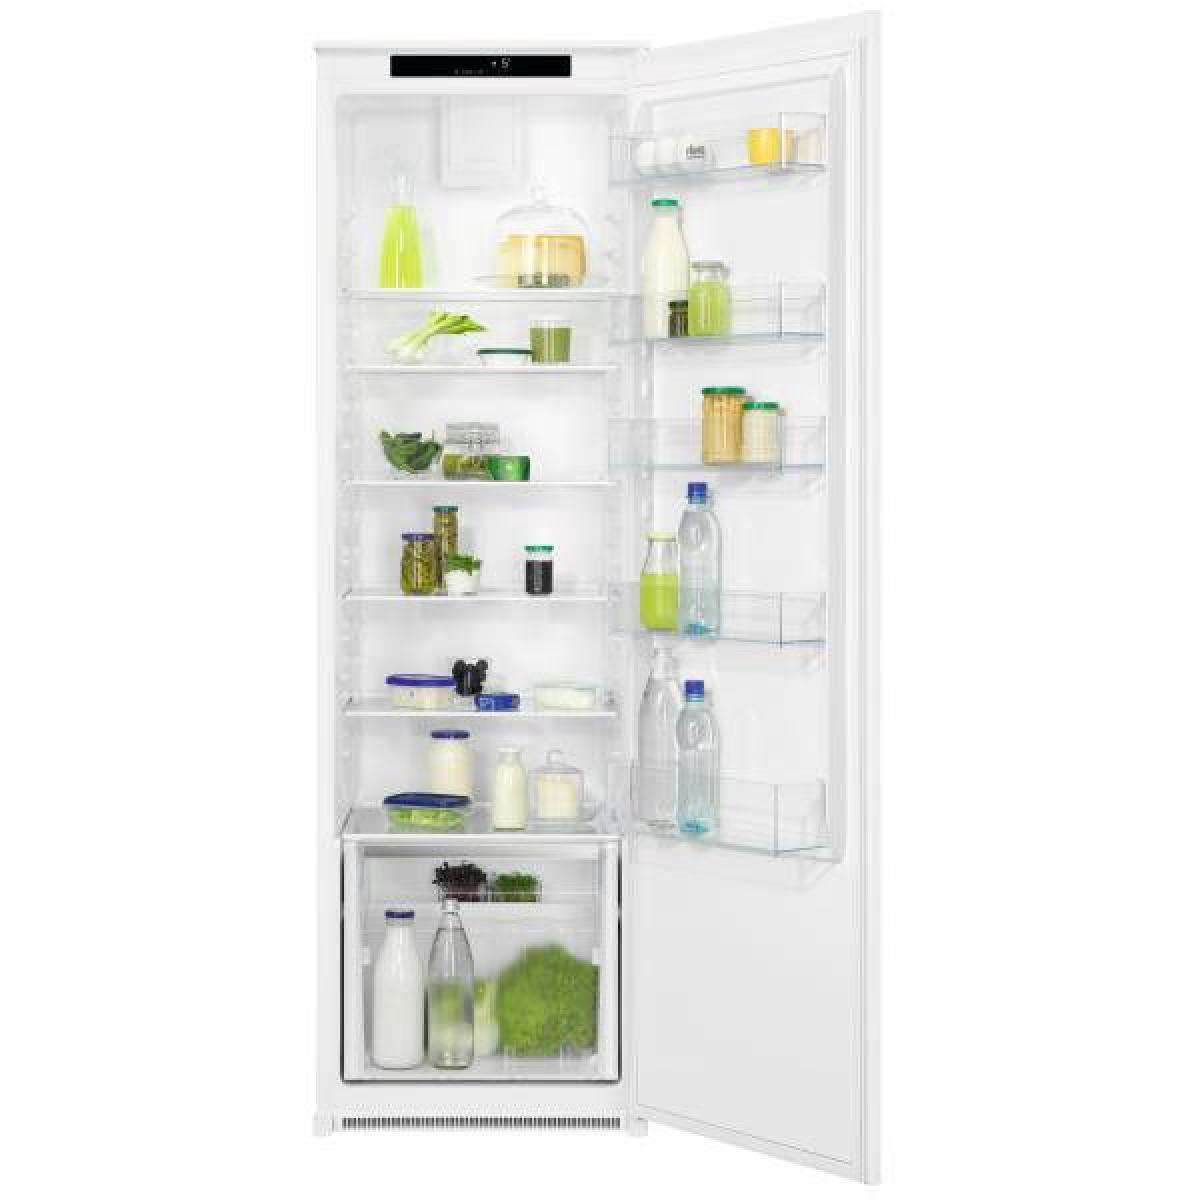 Faure Réfrigérateur 1 porte 310L Froid Brassé FAURE A++, FRDN18FS1